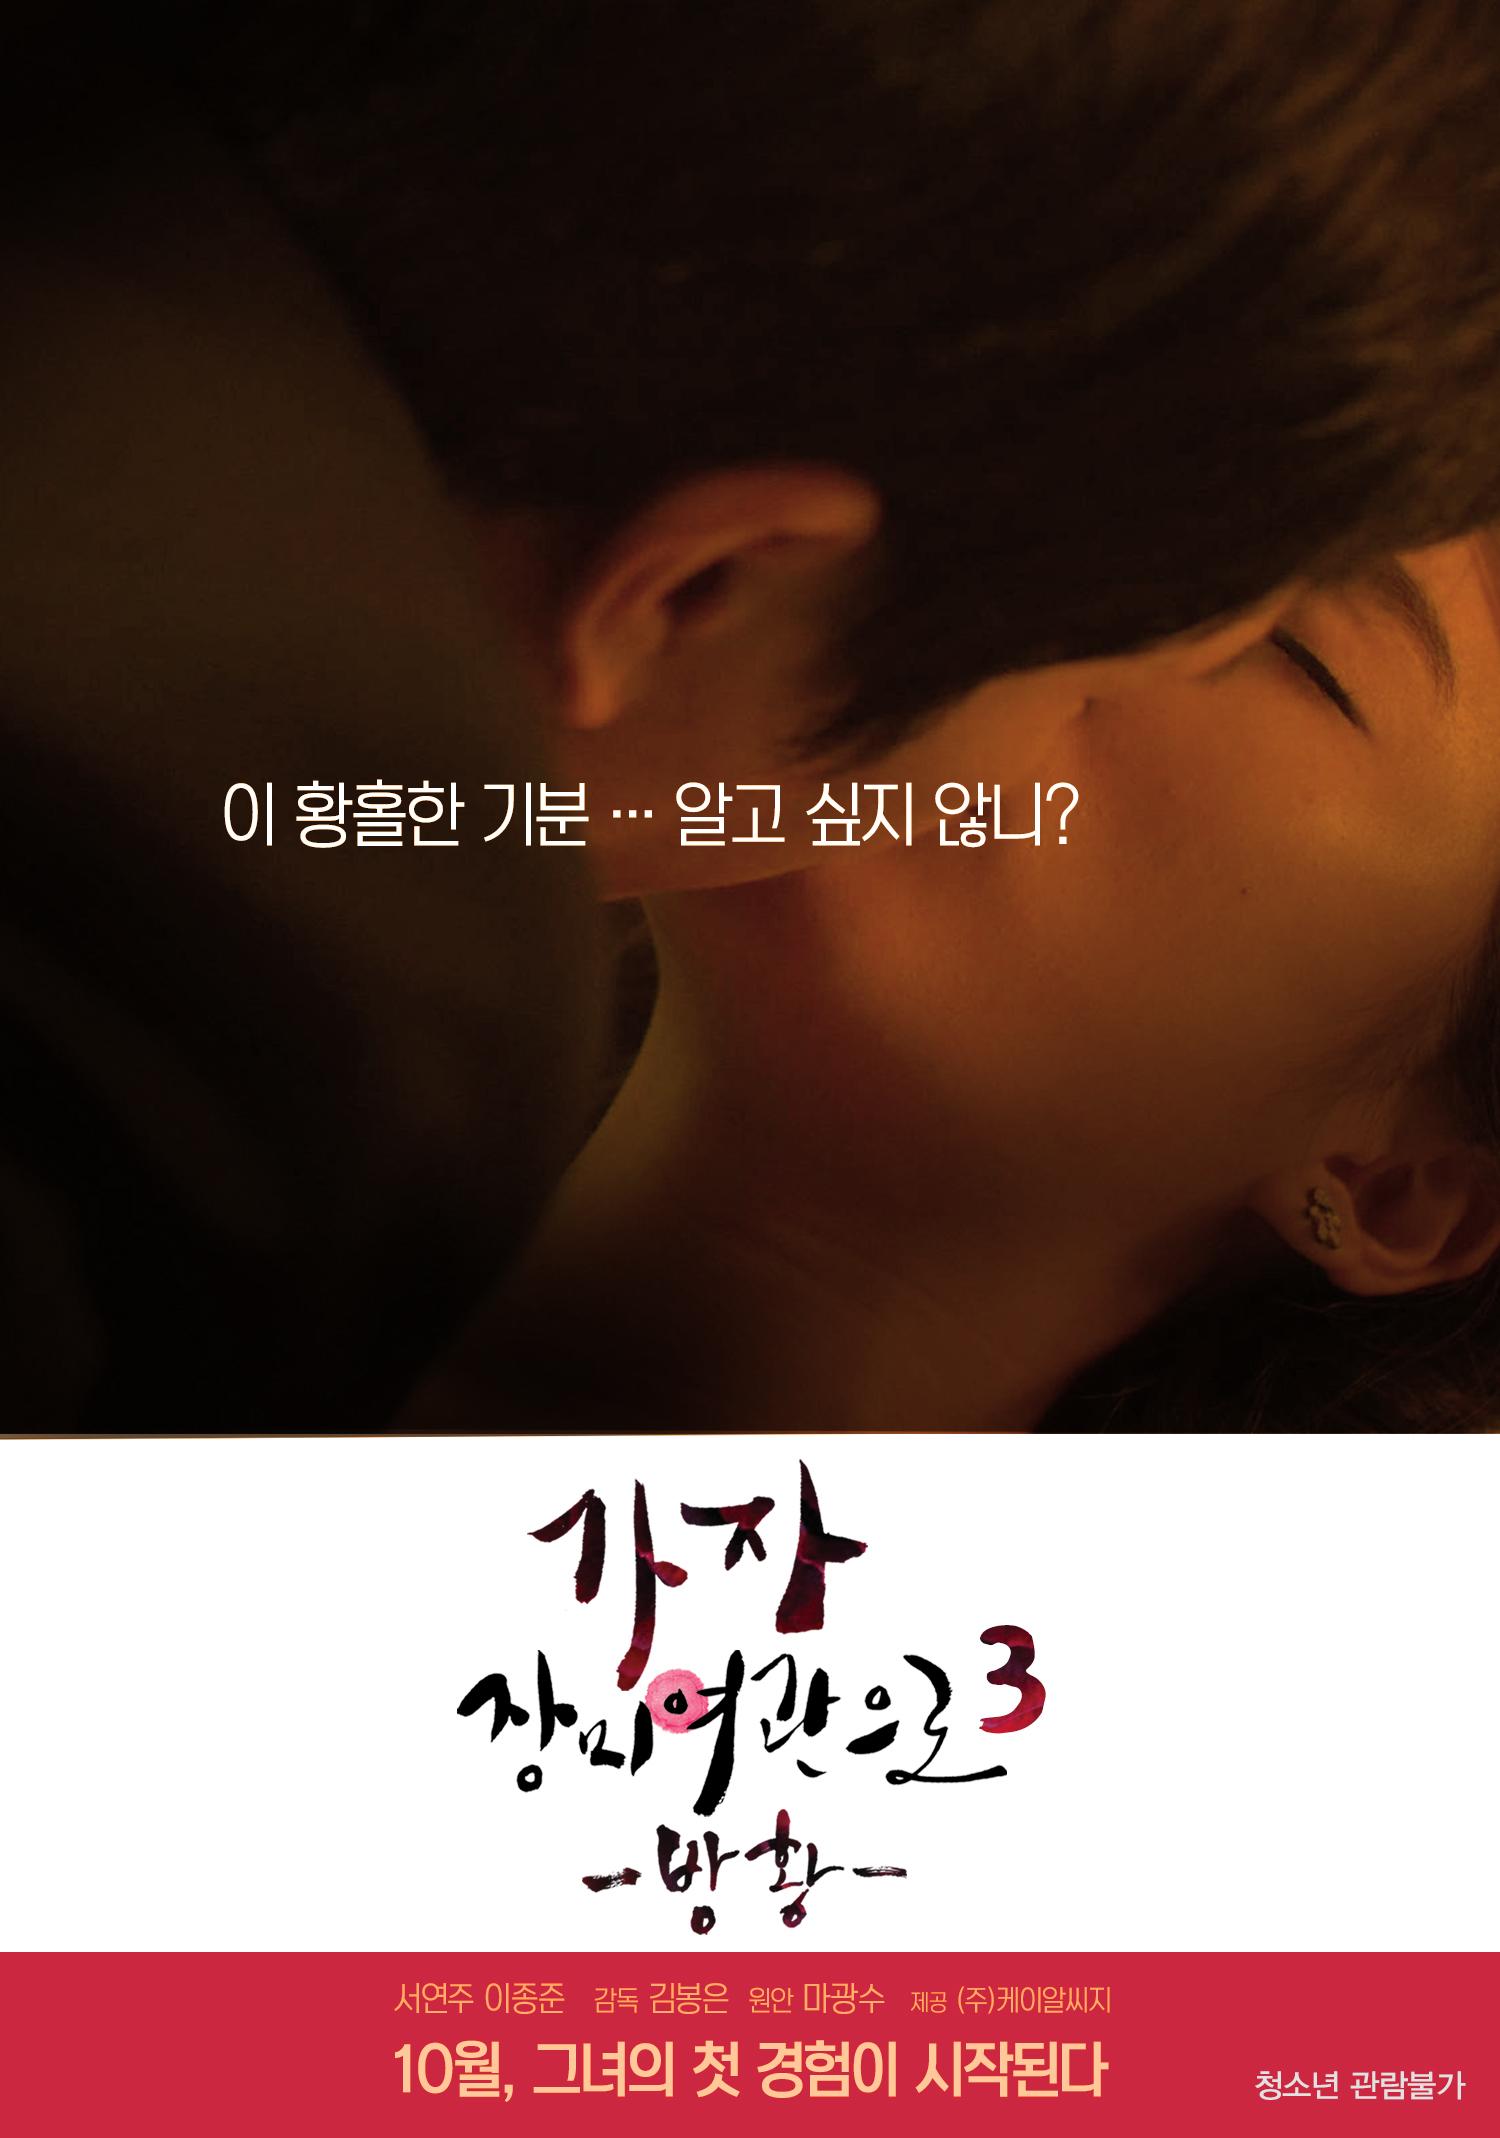 가자! 장미여관으로3 - 방황 (2016)